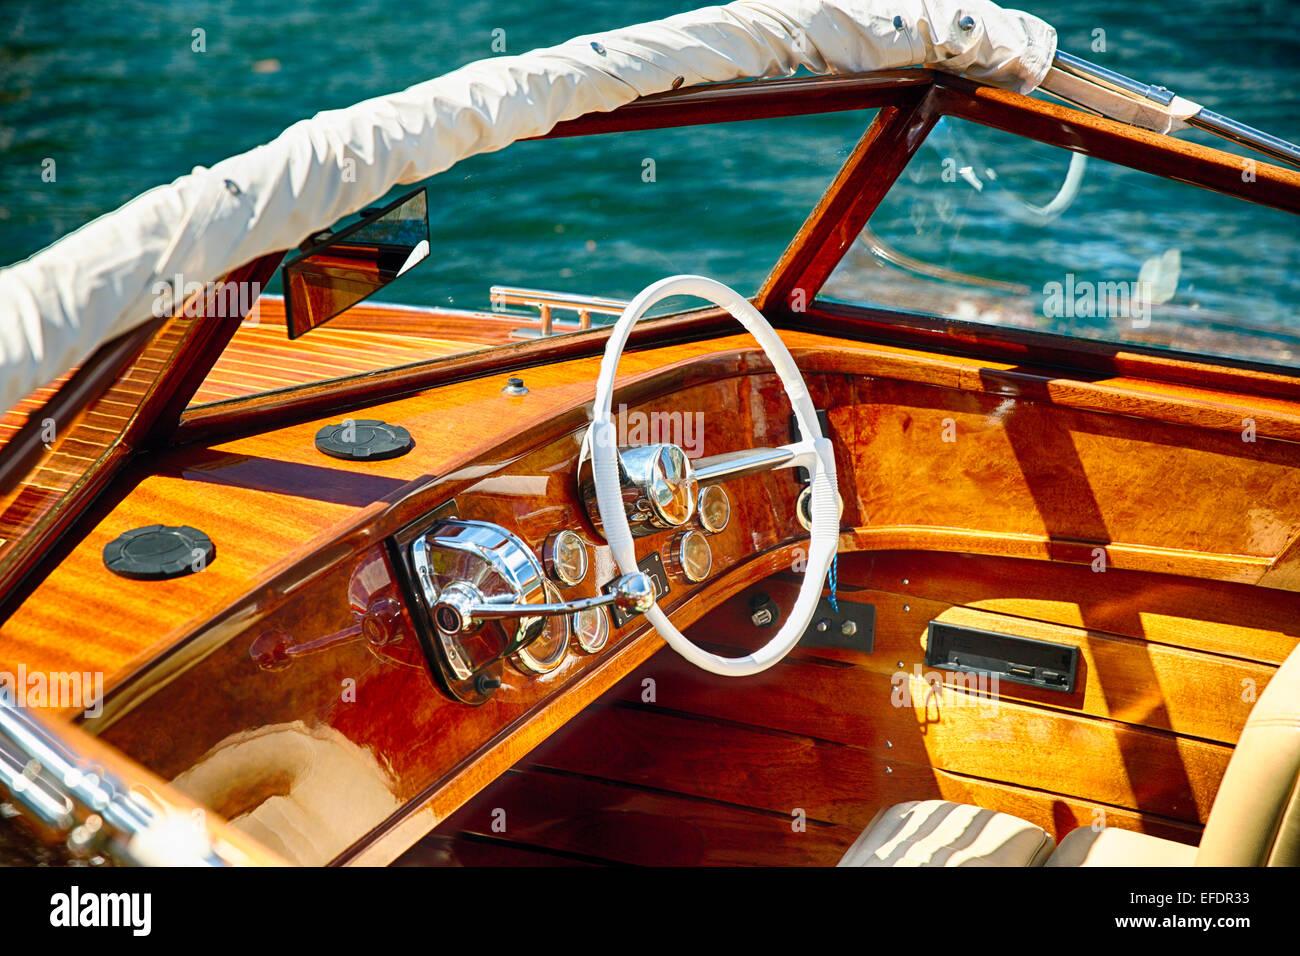 Bateau à moteur classique Volant et contrôles, le lac de Côme, Italie Photo Stock